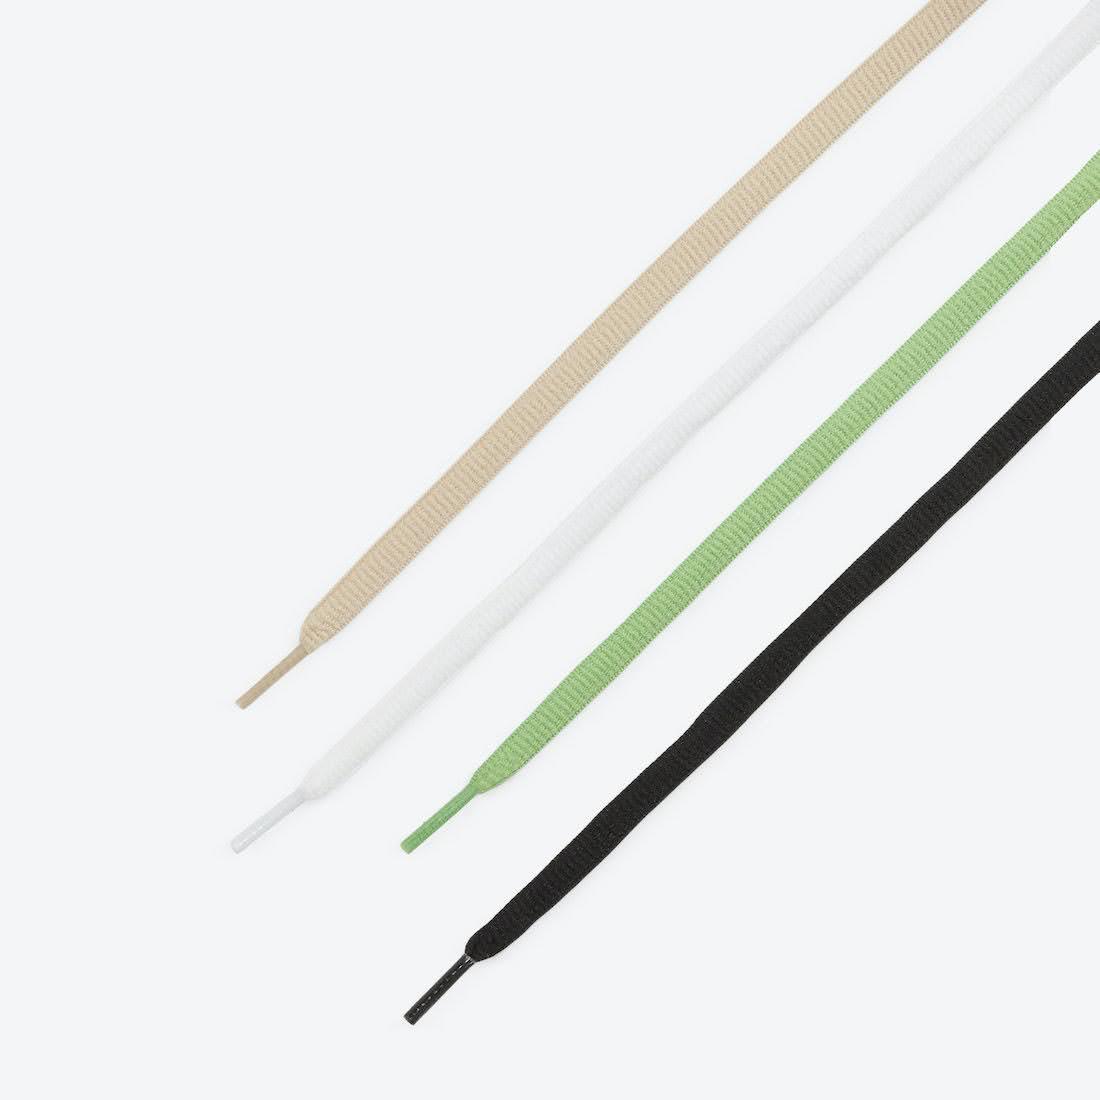 ナイキ SB ダンク ロー ストリート ホーカー チャイニーズ ニューイヤー コラボ Nike-SB-Dunk-Low-Street-Hawker-CV1628-800 shoelace